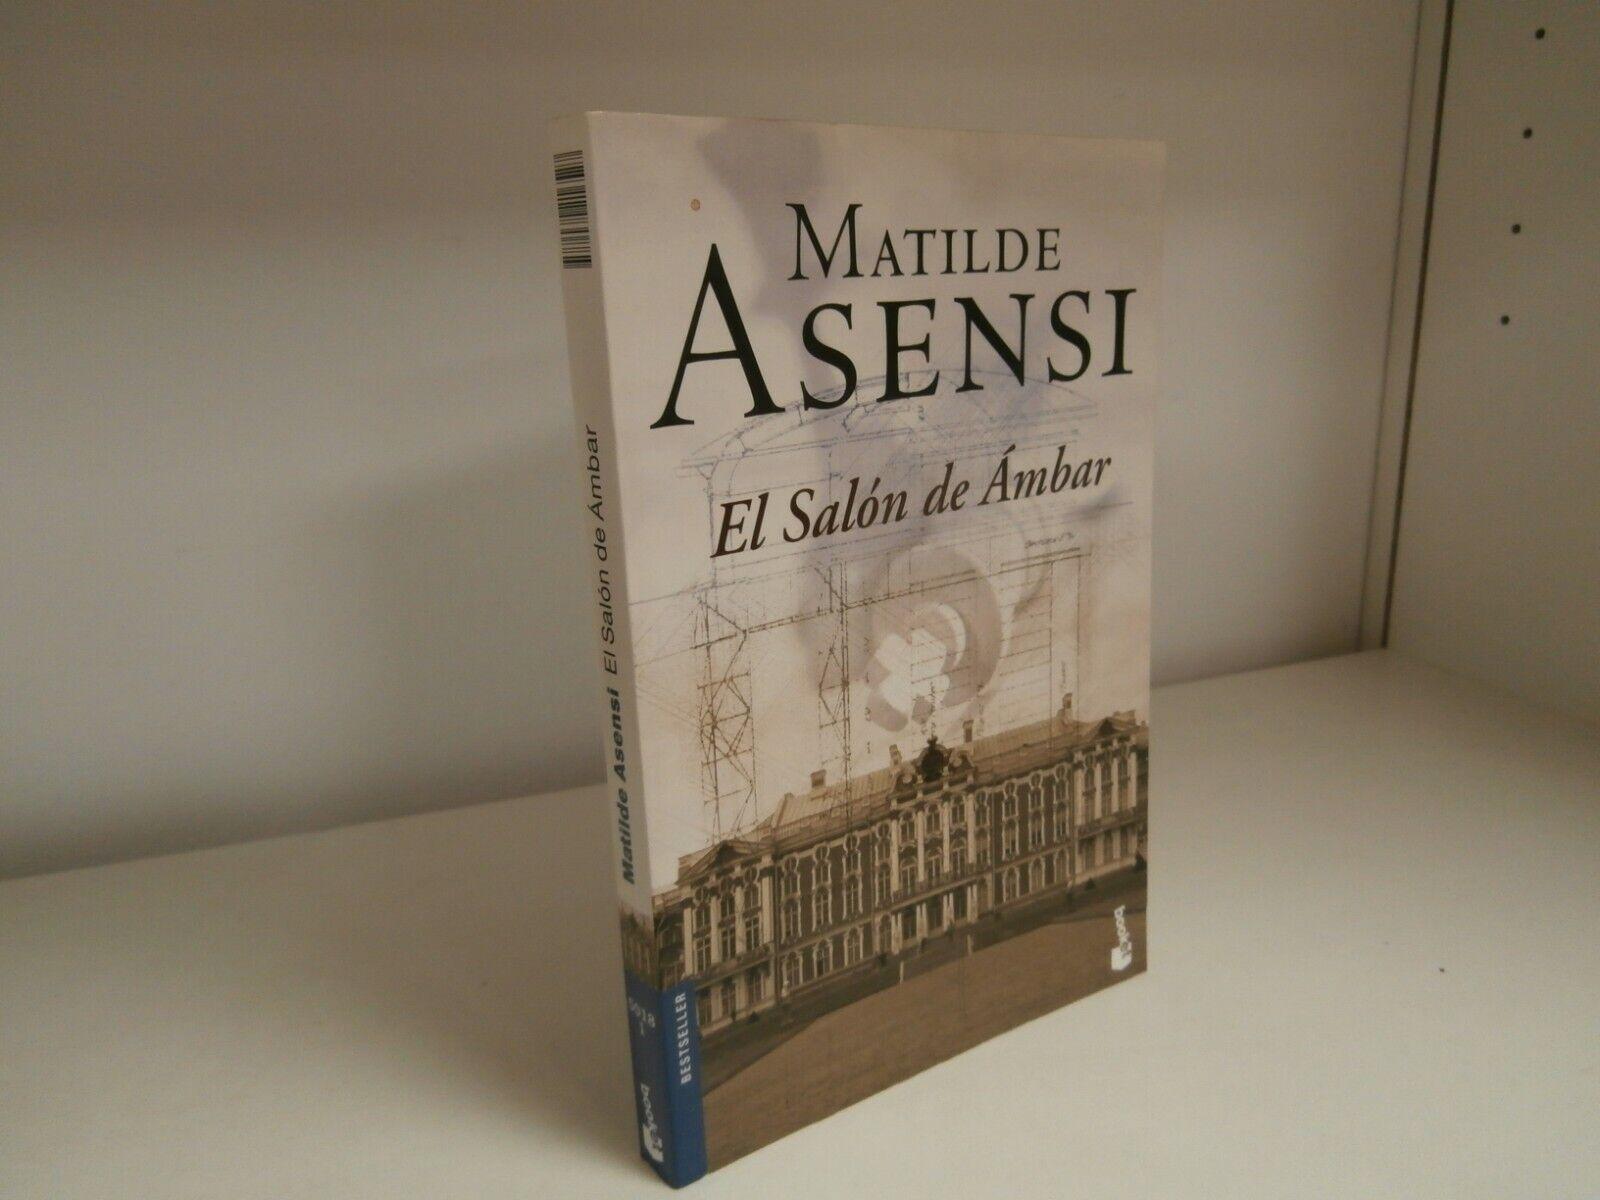 EL SALON DE AMBAR DE MATILDE ASENSI